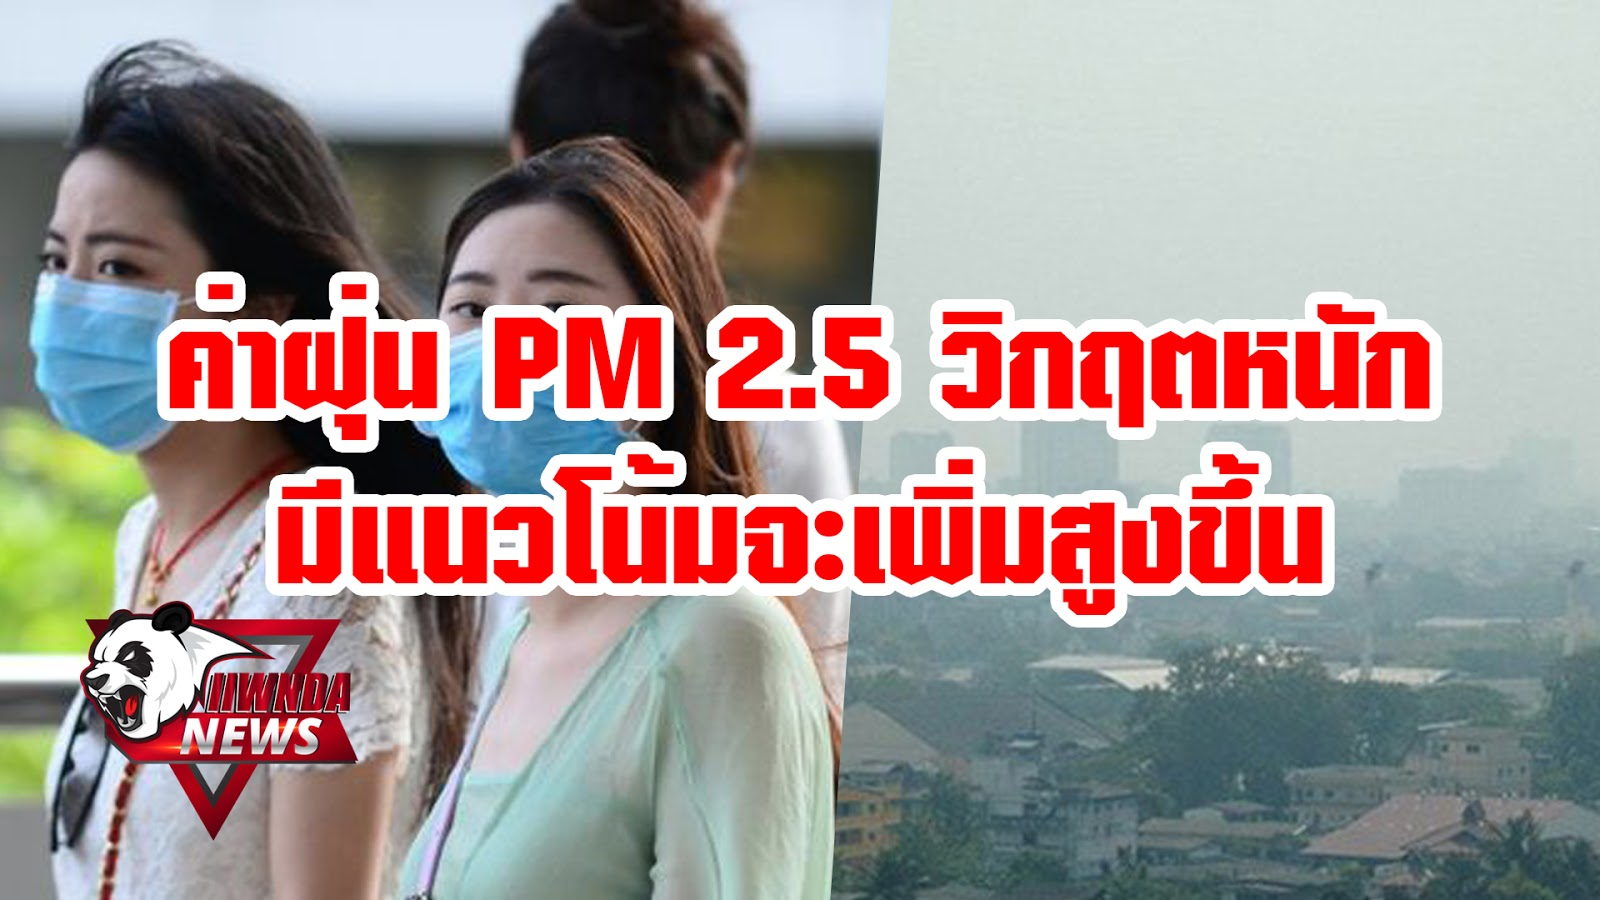 ค่าฝุ่น PM 2.5 วิกฤตหนัก มีแนวโน้มจะเพิ่มสูงขึ้น